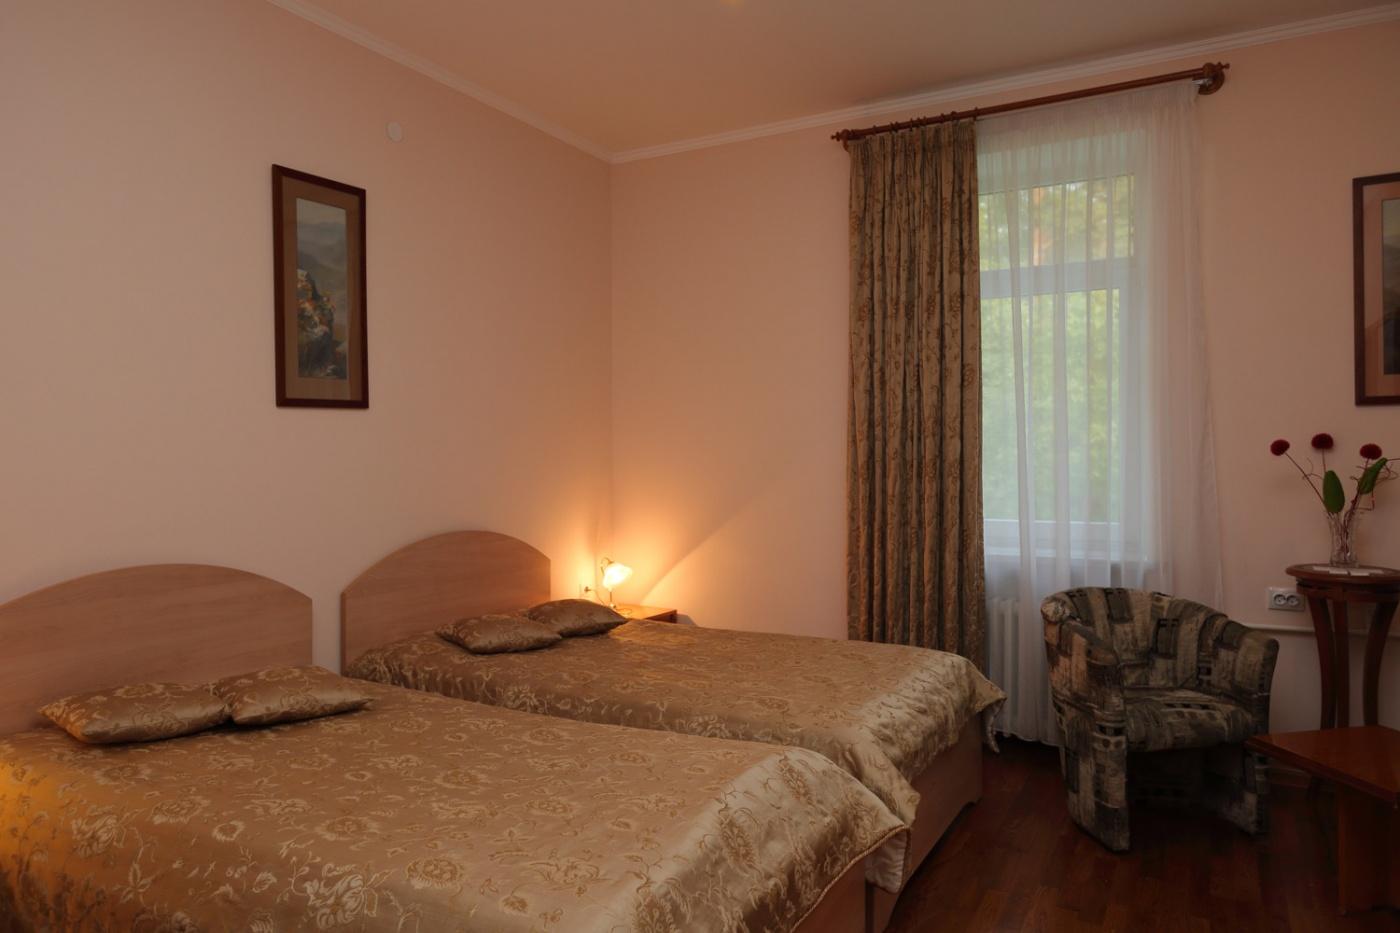 Пансионат «Бор» Московская область 1-комнатный 2-местный номер (Отель), фото 3